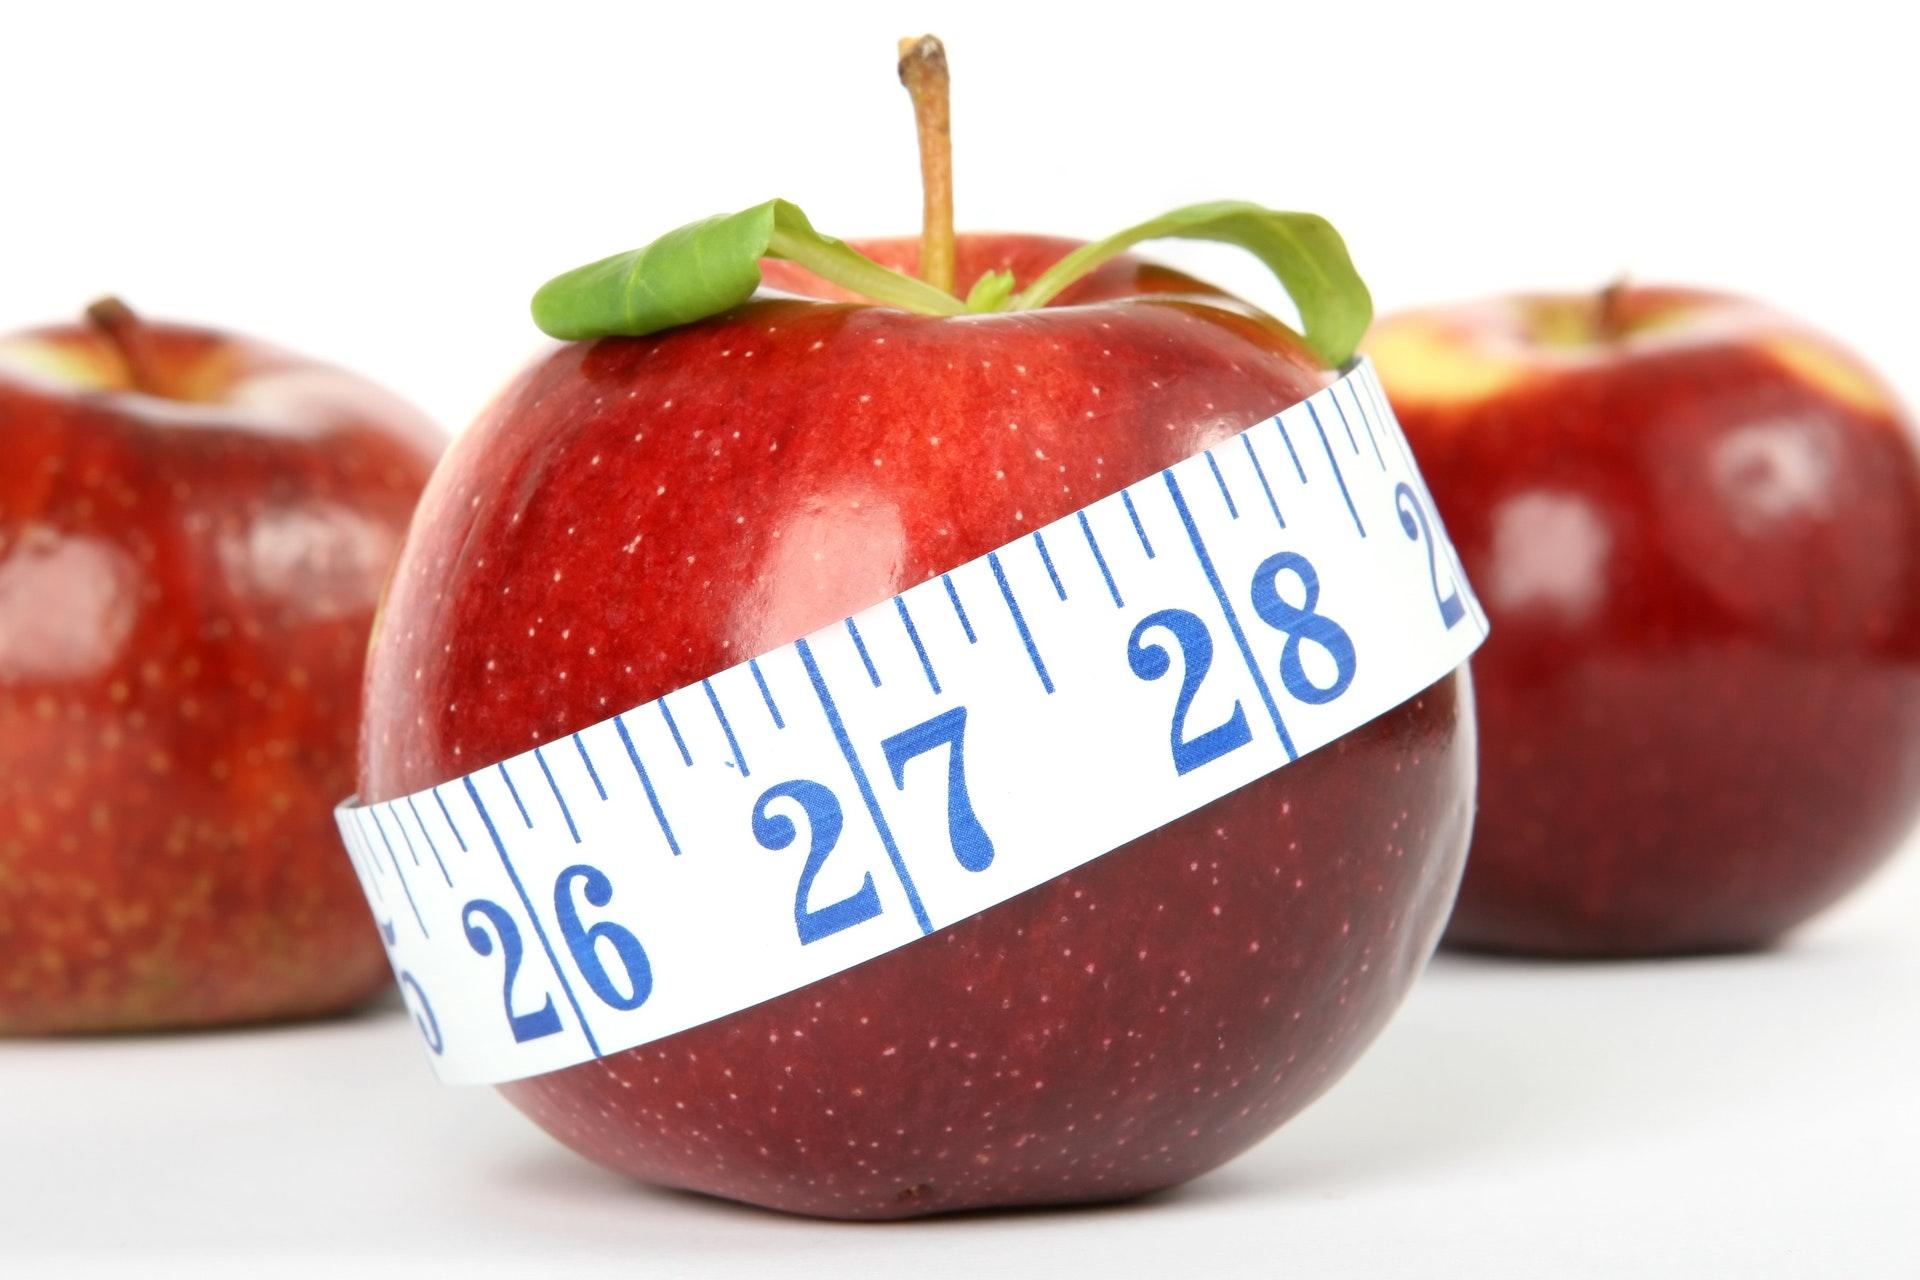 Як виміряти власну талію без рулетки або стрічки